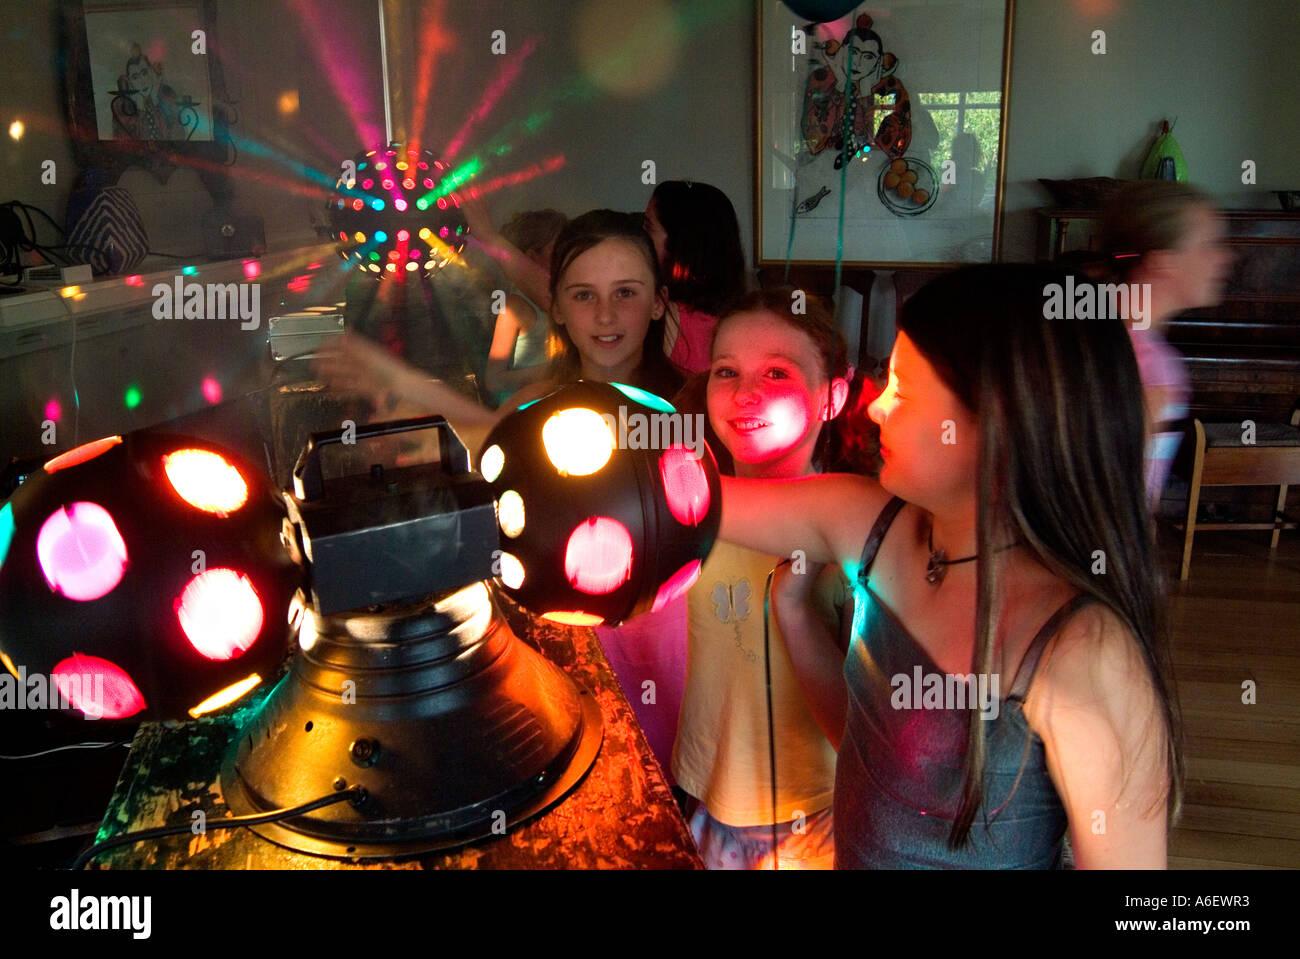 9 anno di età le ragazze alla discoteca festa di compleanno Immagini Stock